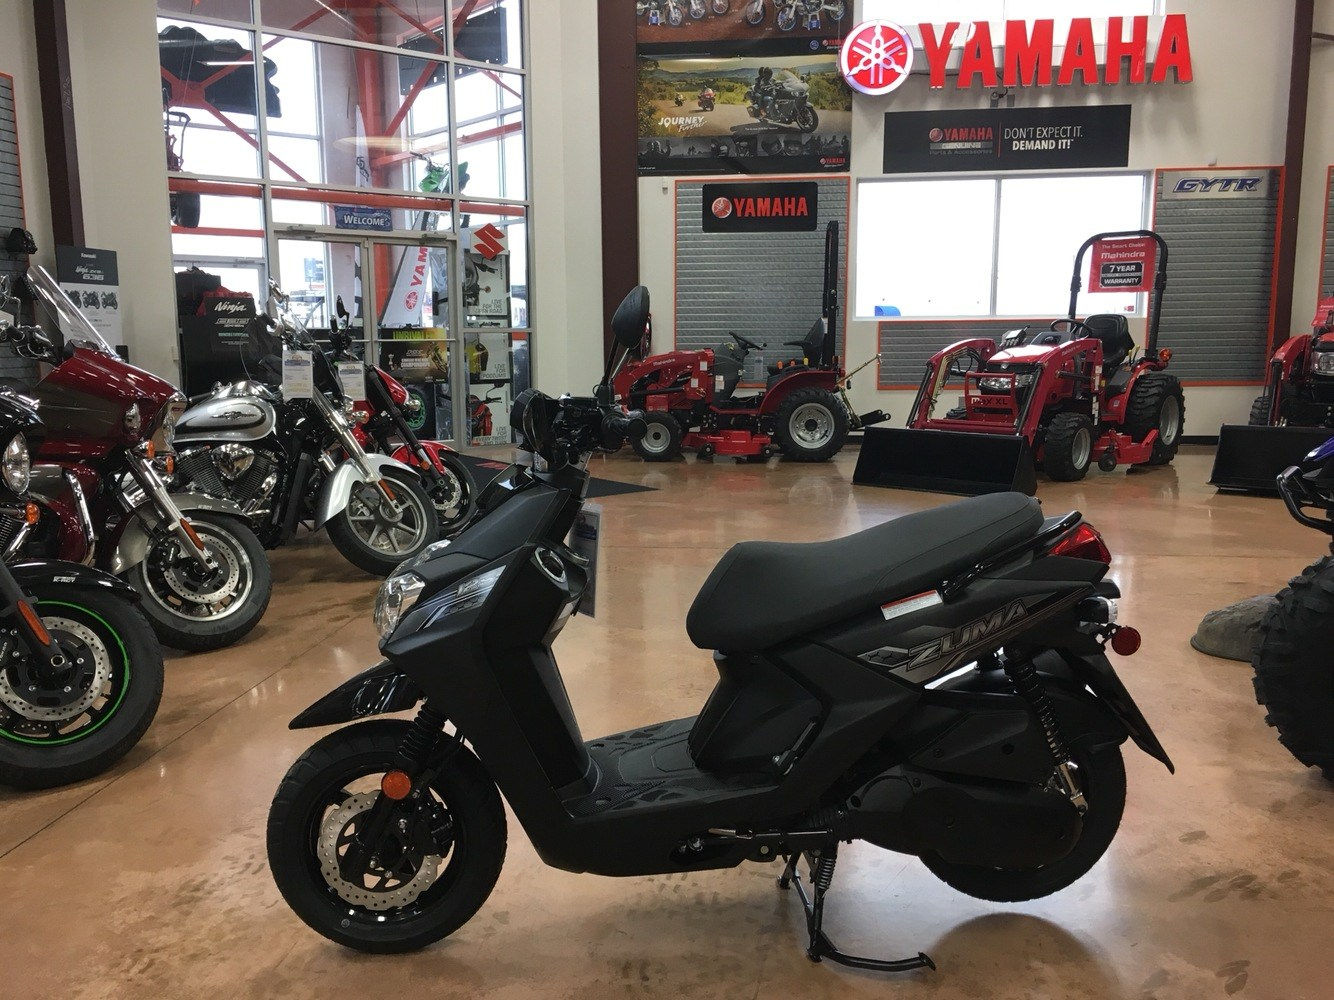 2019 Yamaha Zuma 125 2